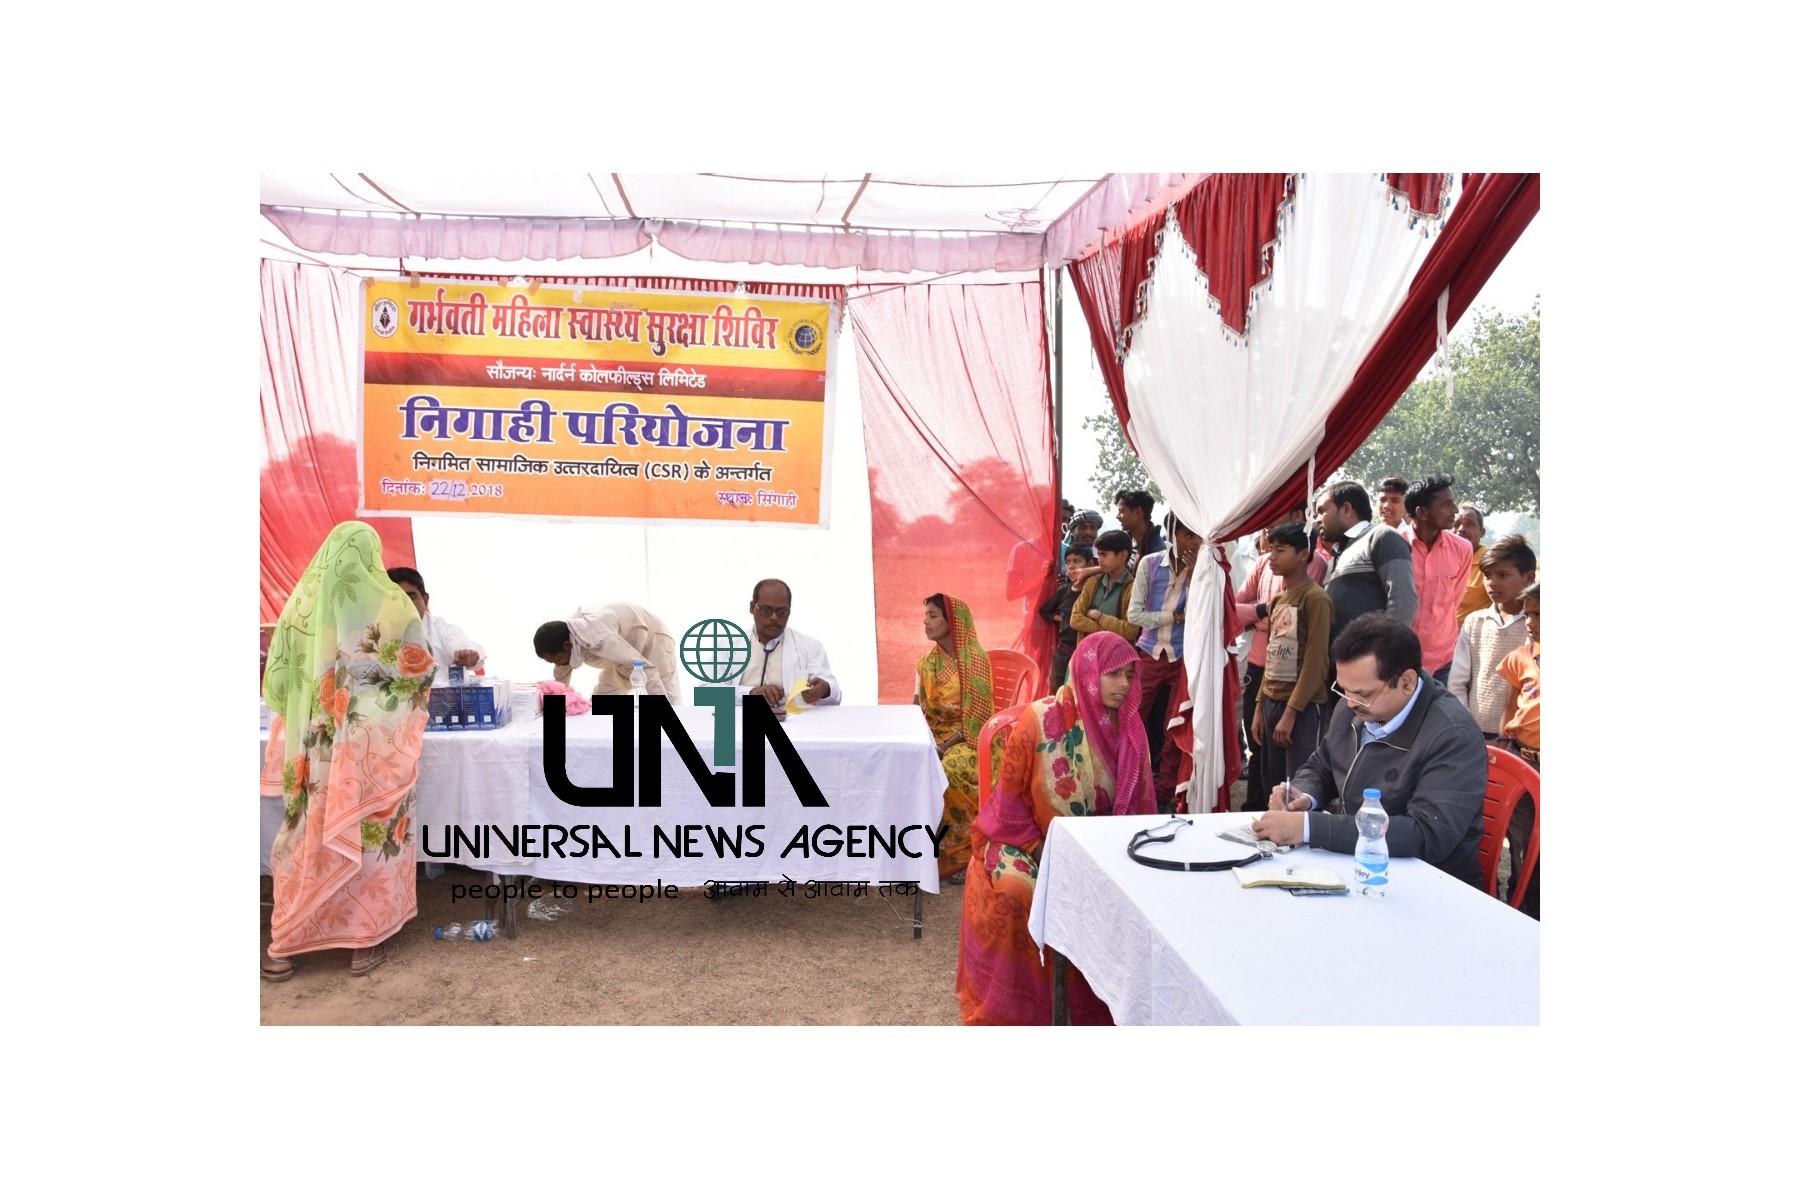 निगाही क्षेत्र स्वास्थ्य शिविर लगाकर 216 ग्रामीणों का किया फ्री मेडिकल चेक अप